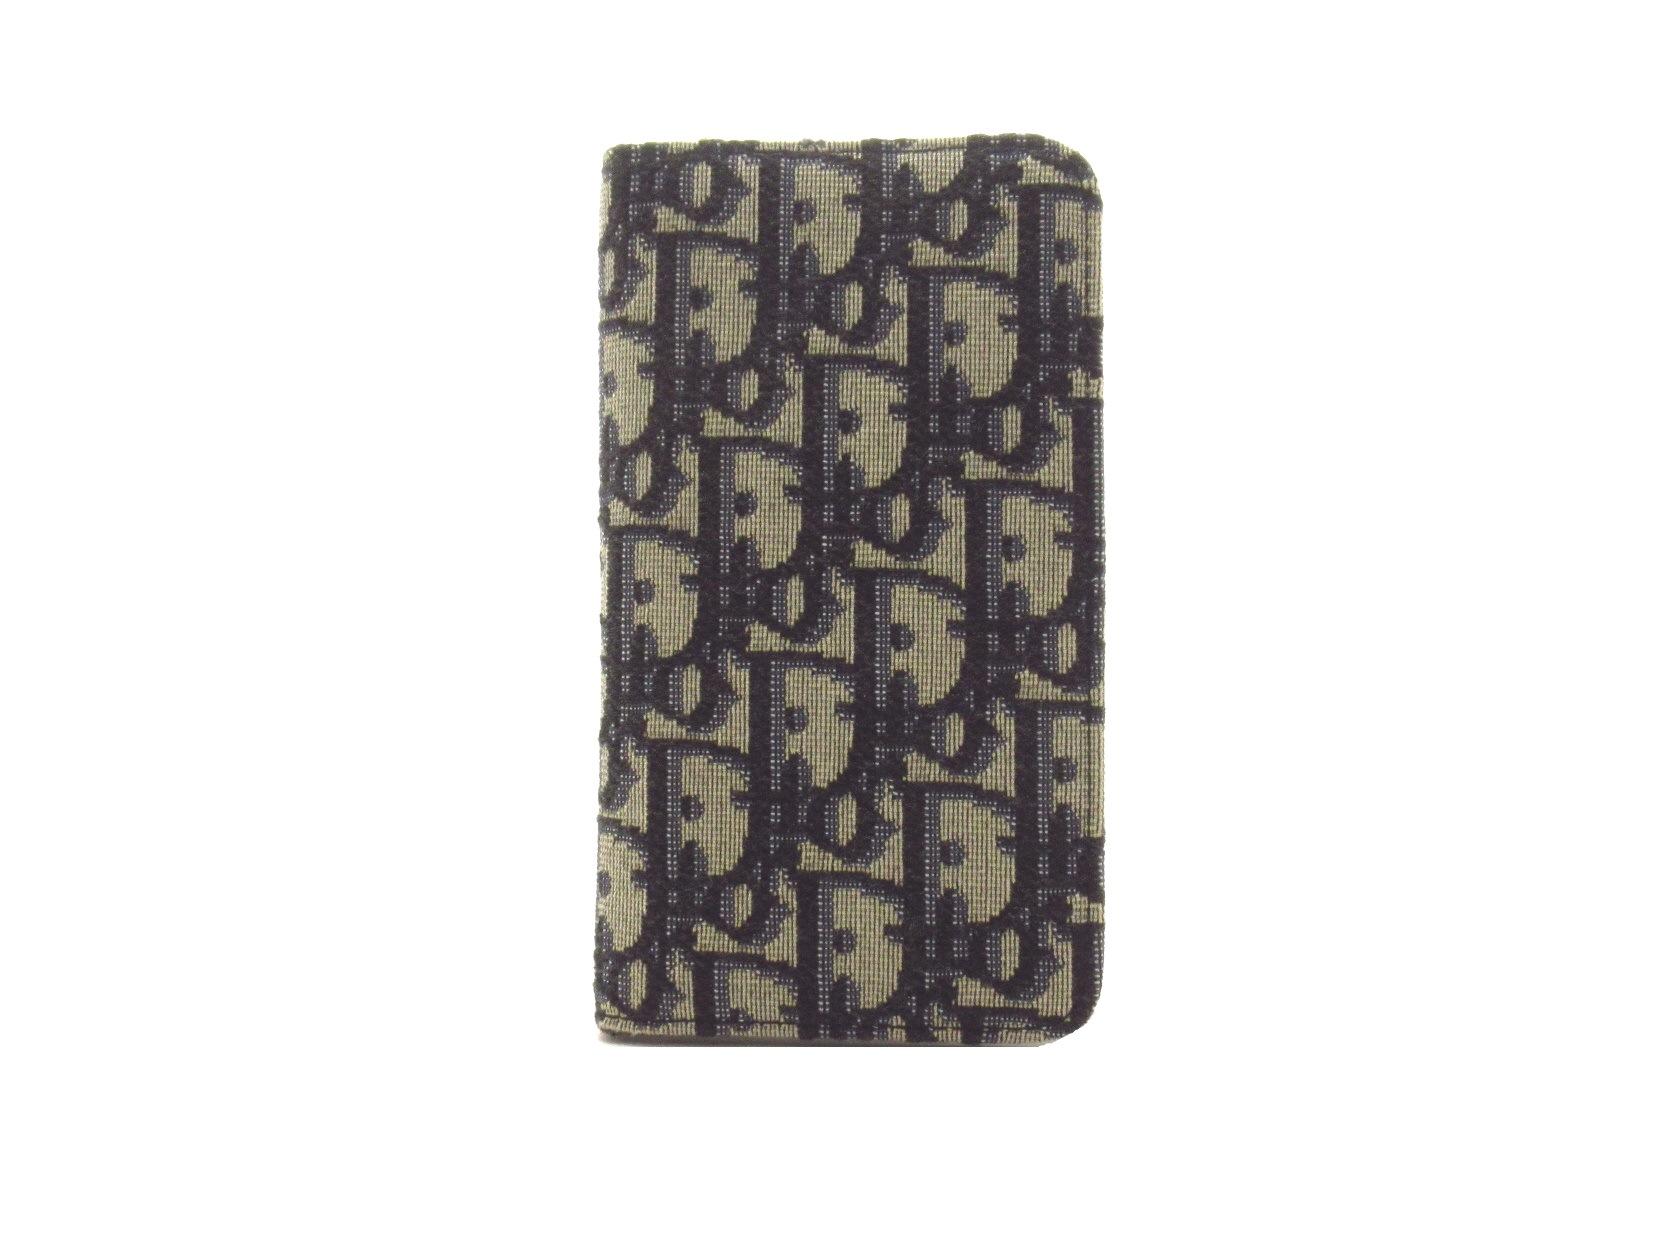 Dior ディオール オブリーク iPhoneX / XSケース グレー / ネイビー キャンバス スマホケース 2143200377874 【432】